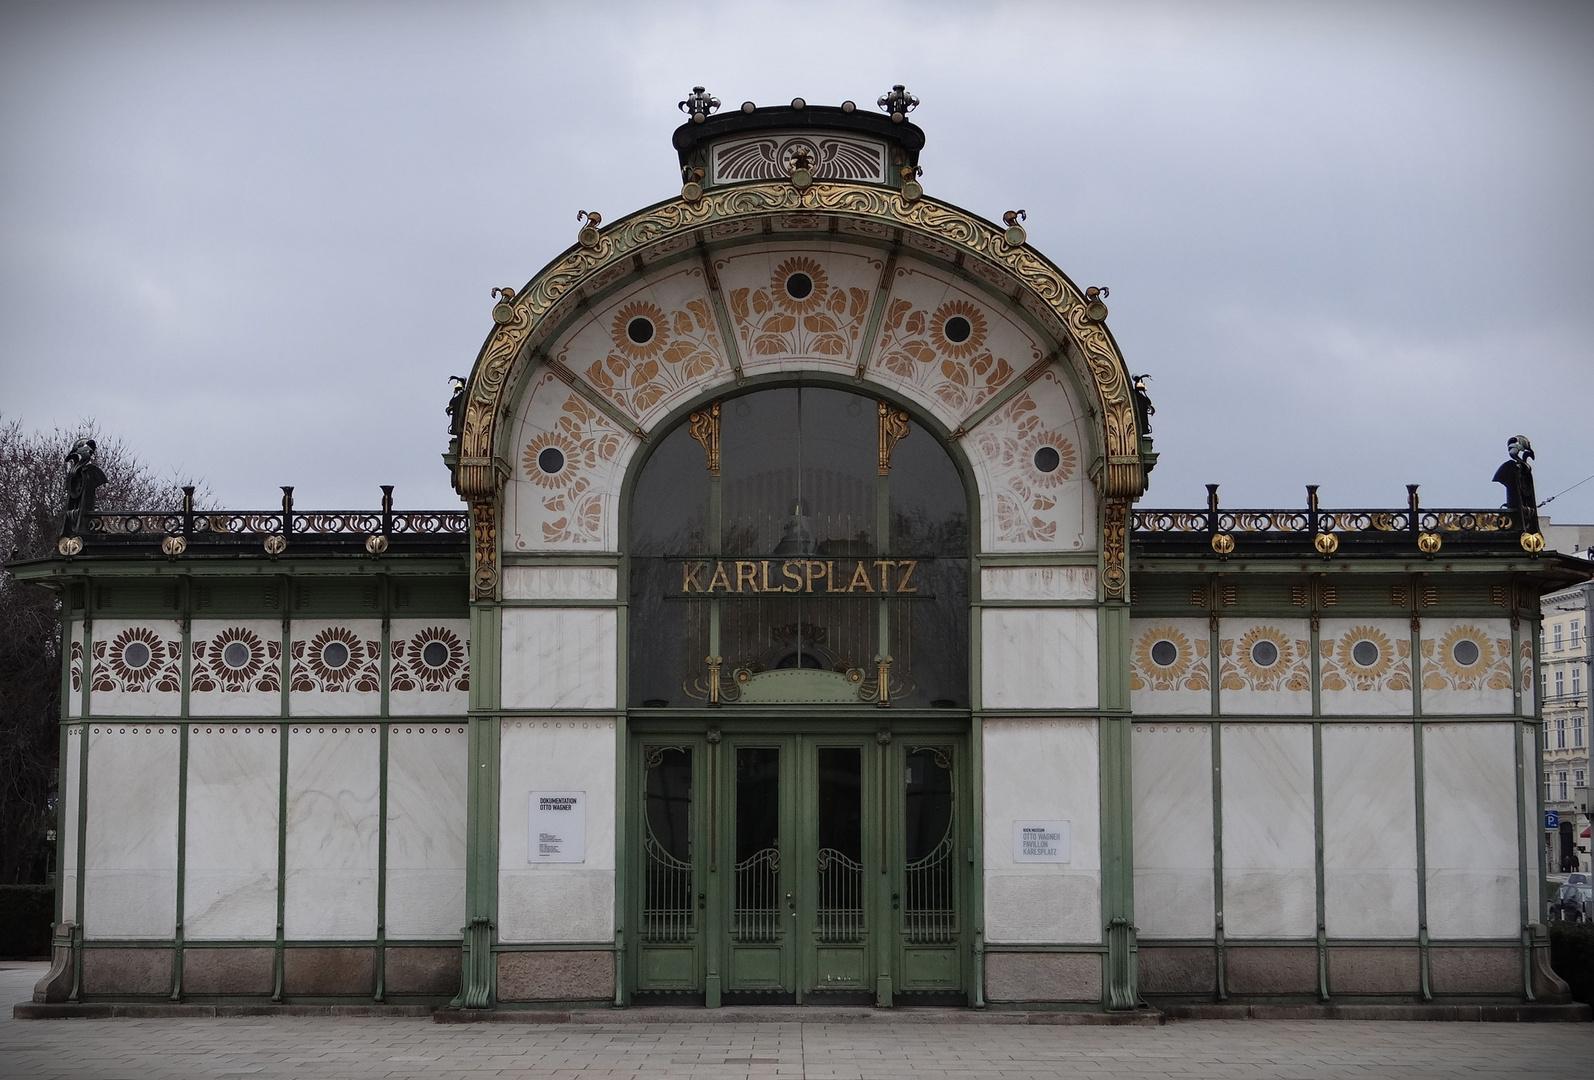 U - BAHN STATION - KARLSPLATZ